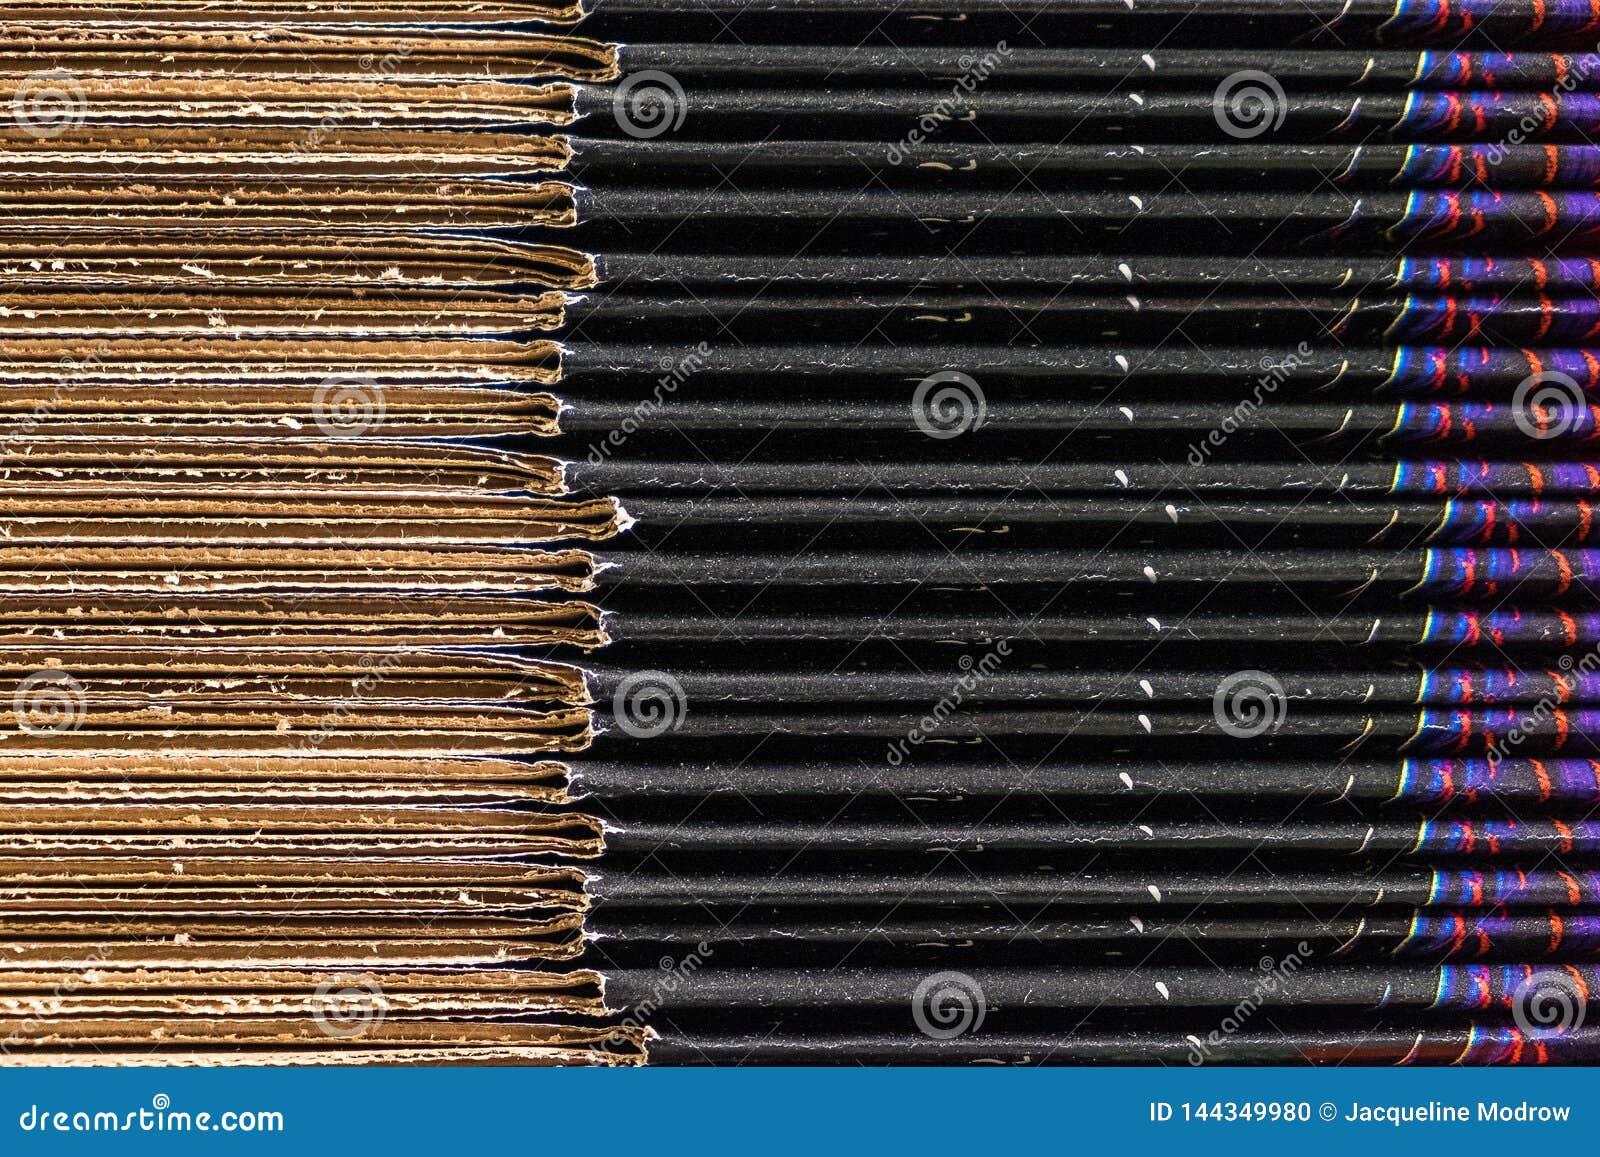 Primo piano di una pila di scatole di cartone variopinte